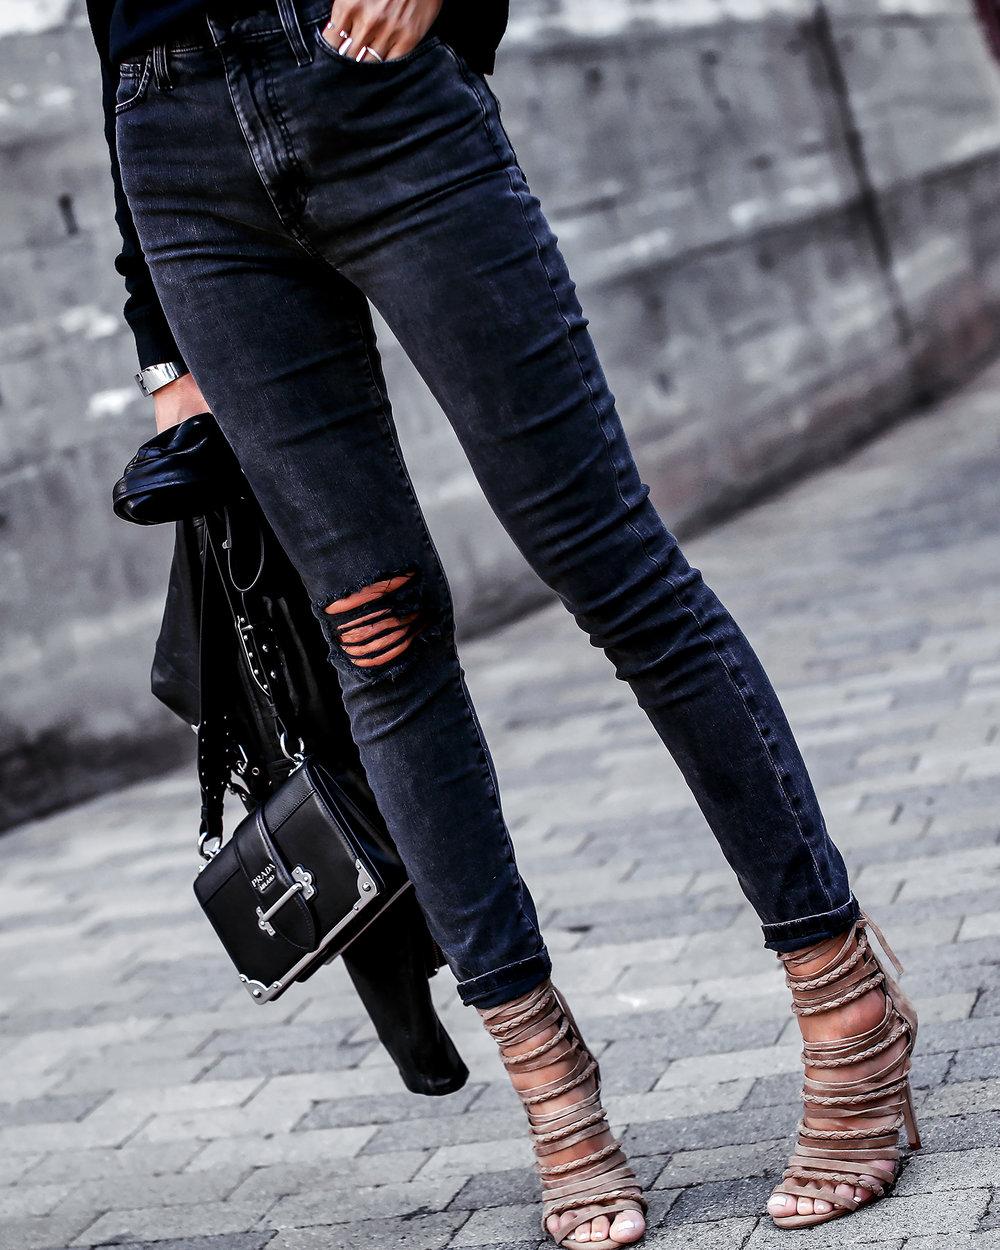 Joes Jeans Acid Wash Denim Steve Madden Wrap Sandals Prada Bag Detail Shot.jpg